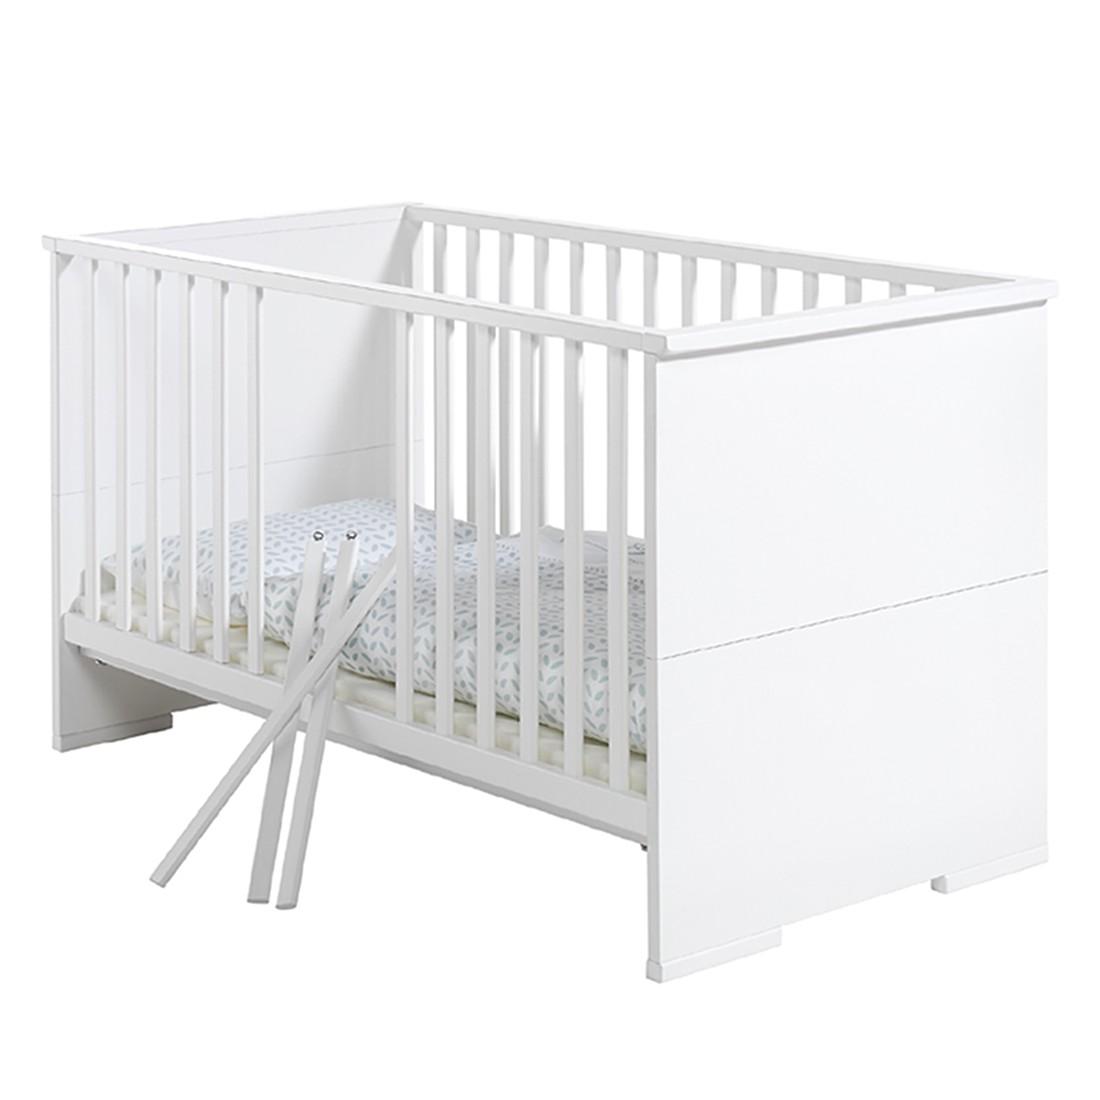 Babybett MILANO – Weiß, Schardt jetzt bestellen